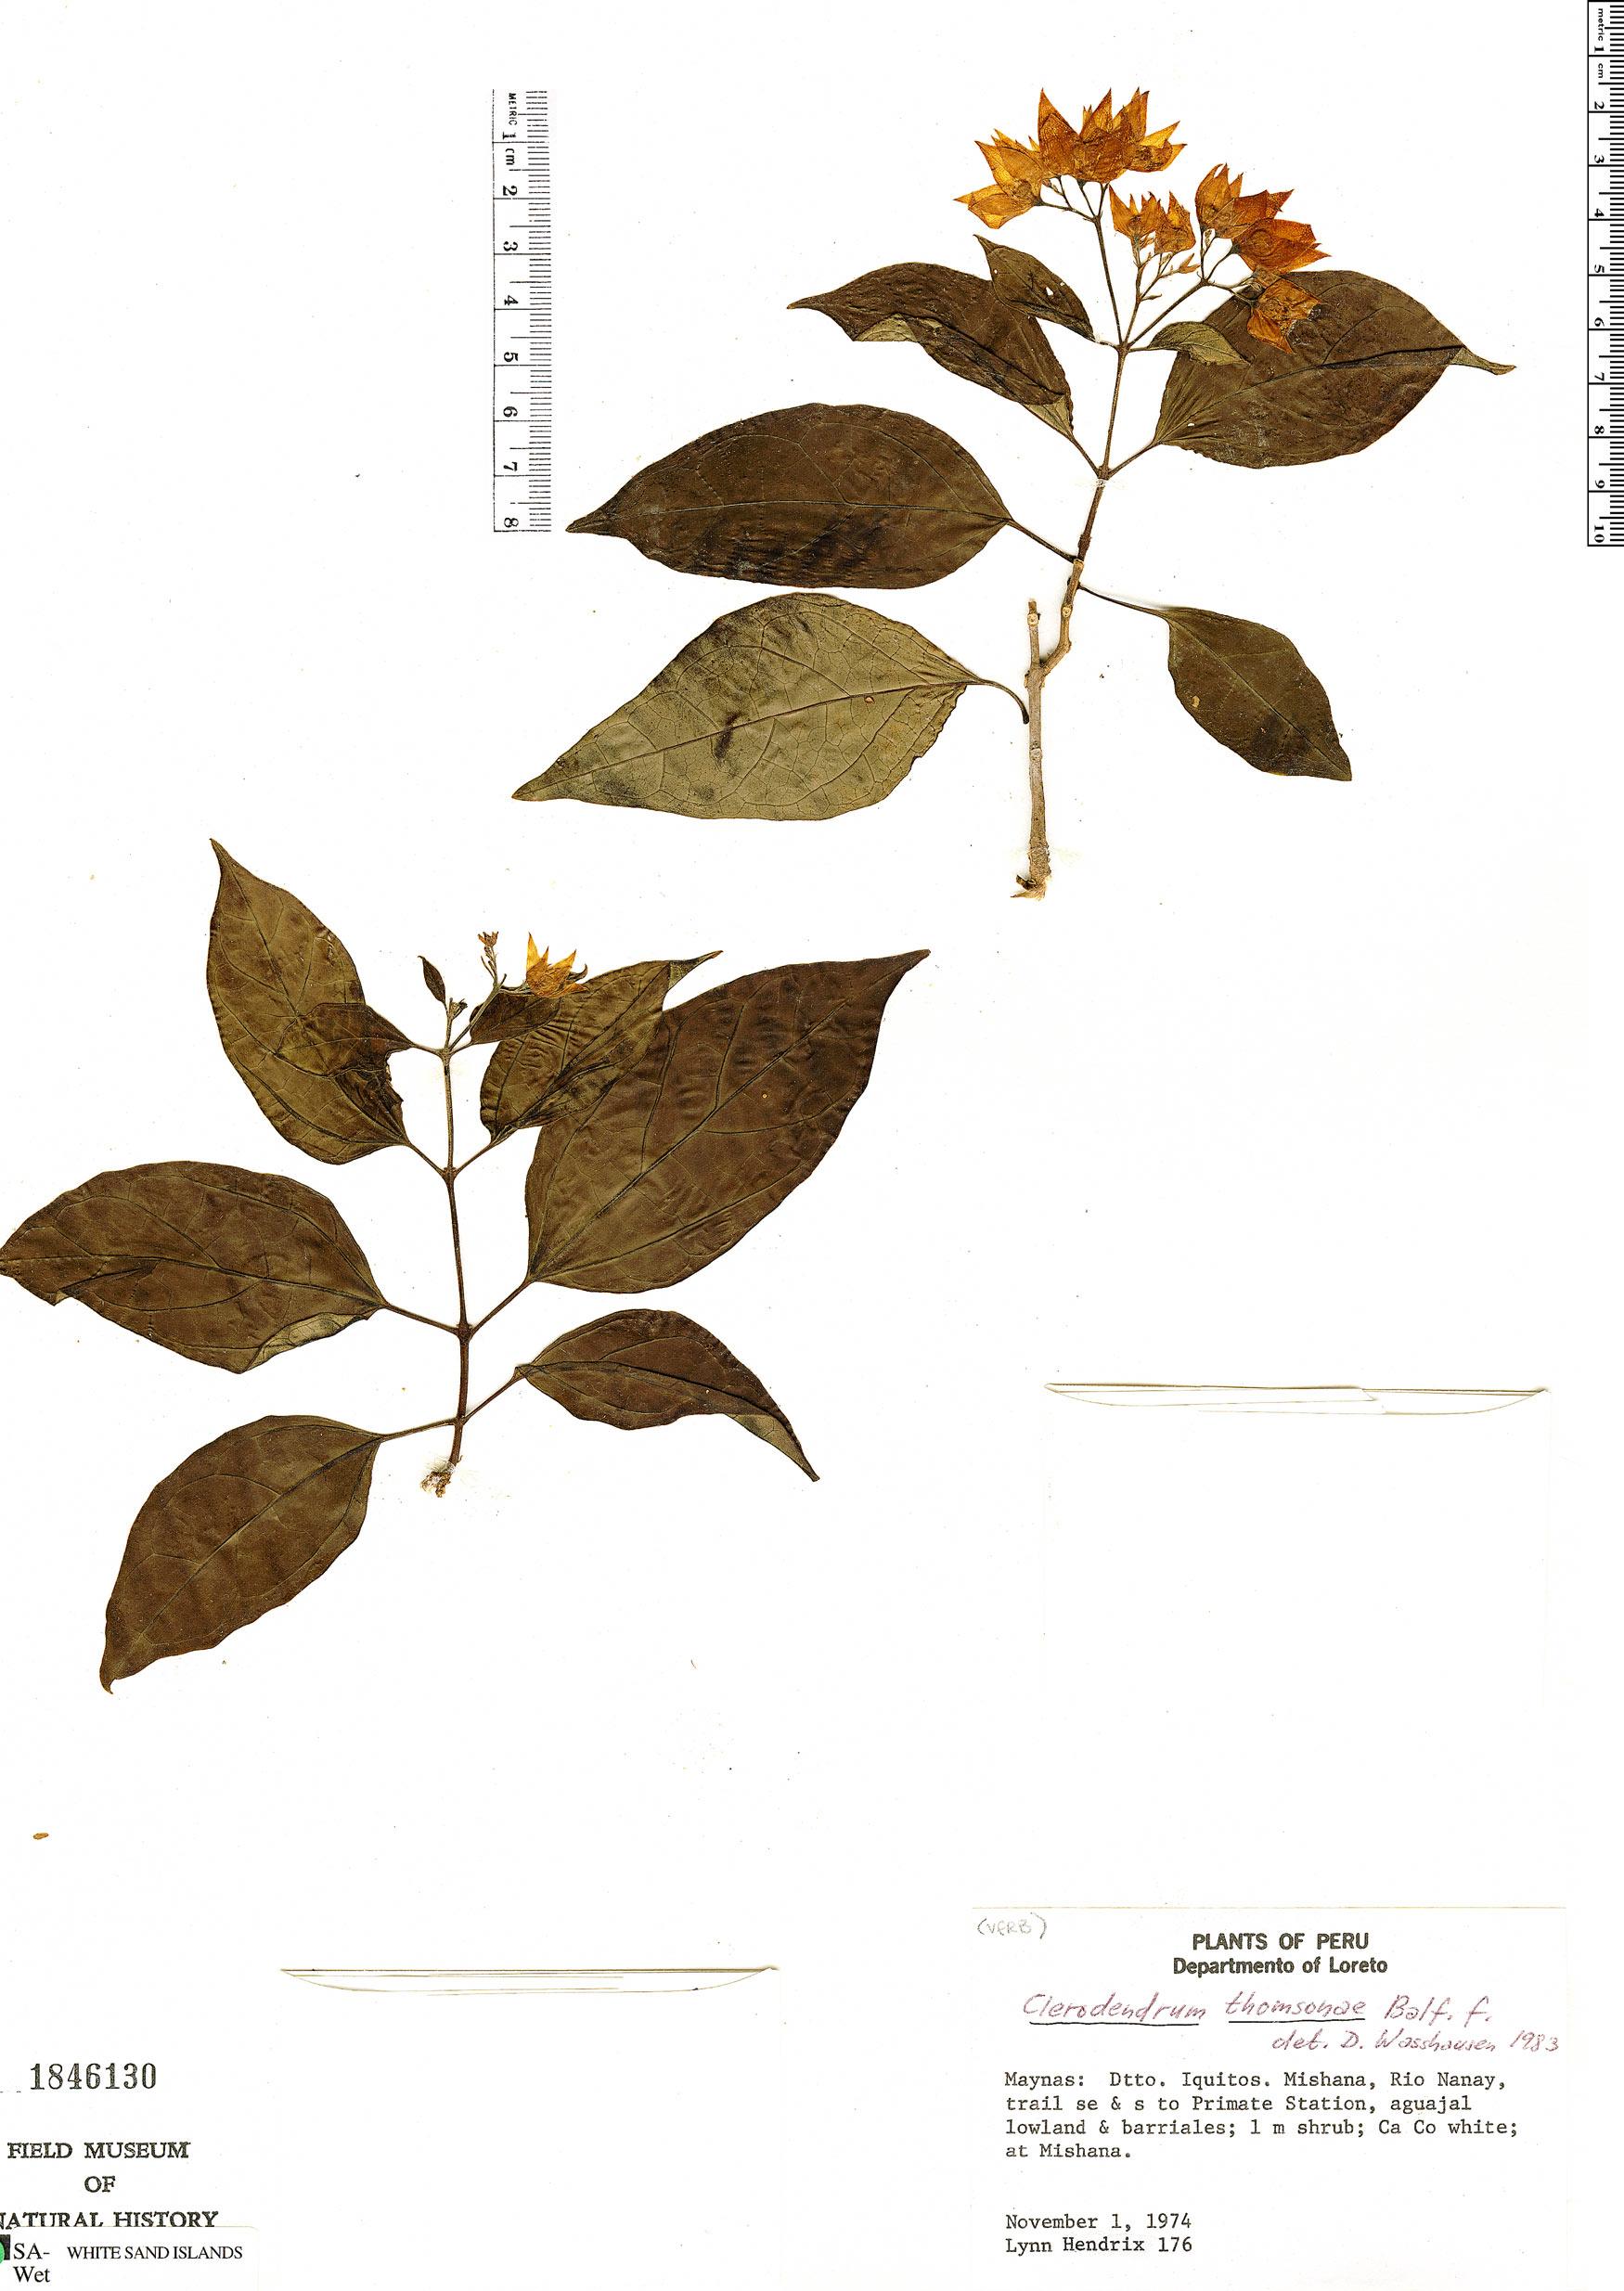 Specimen: Clerodendrum umbellatum